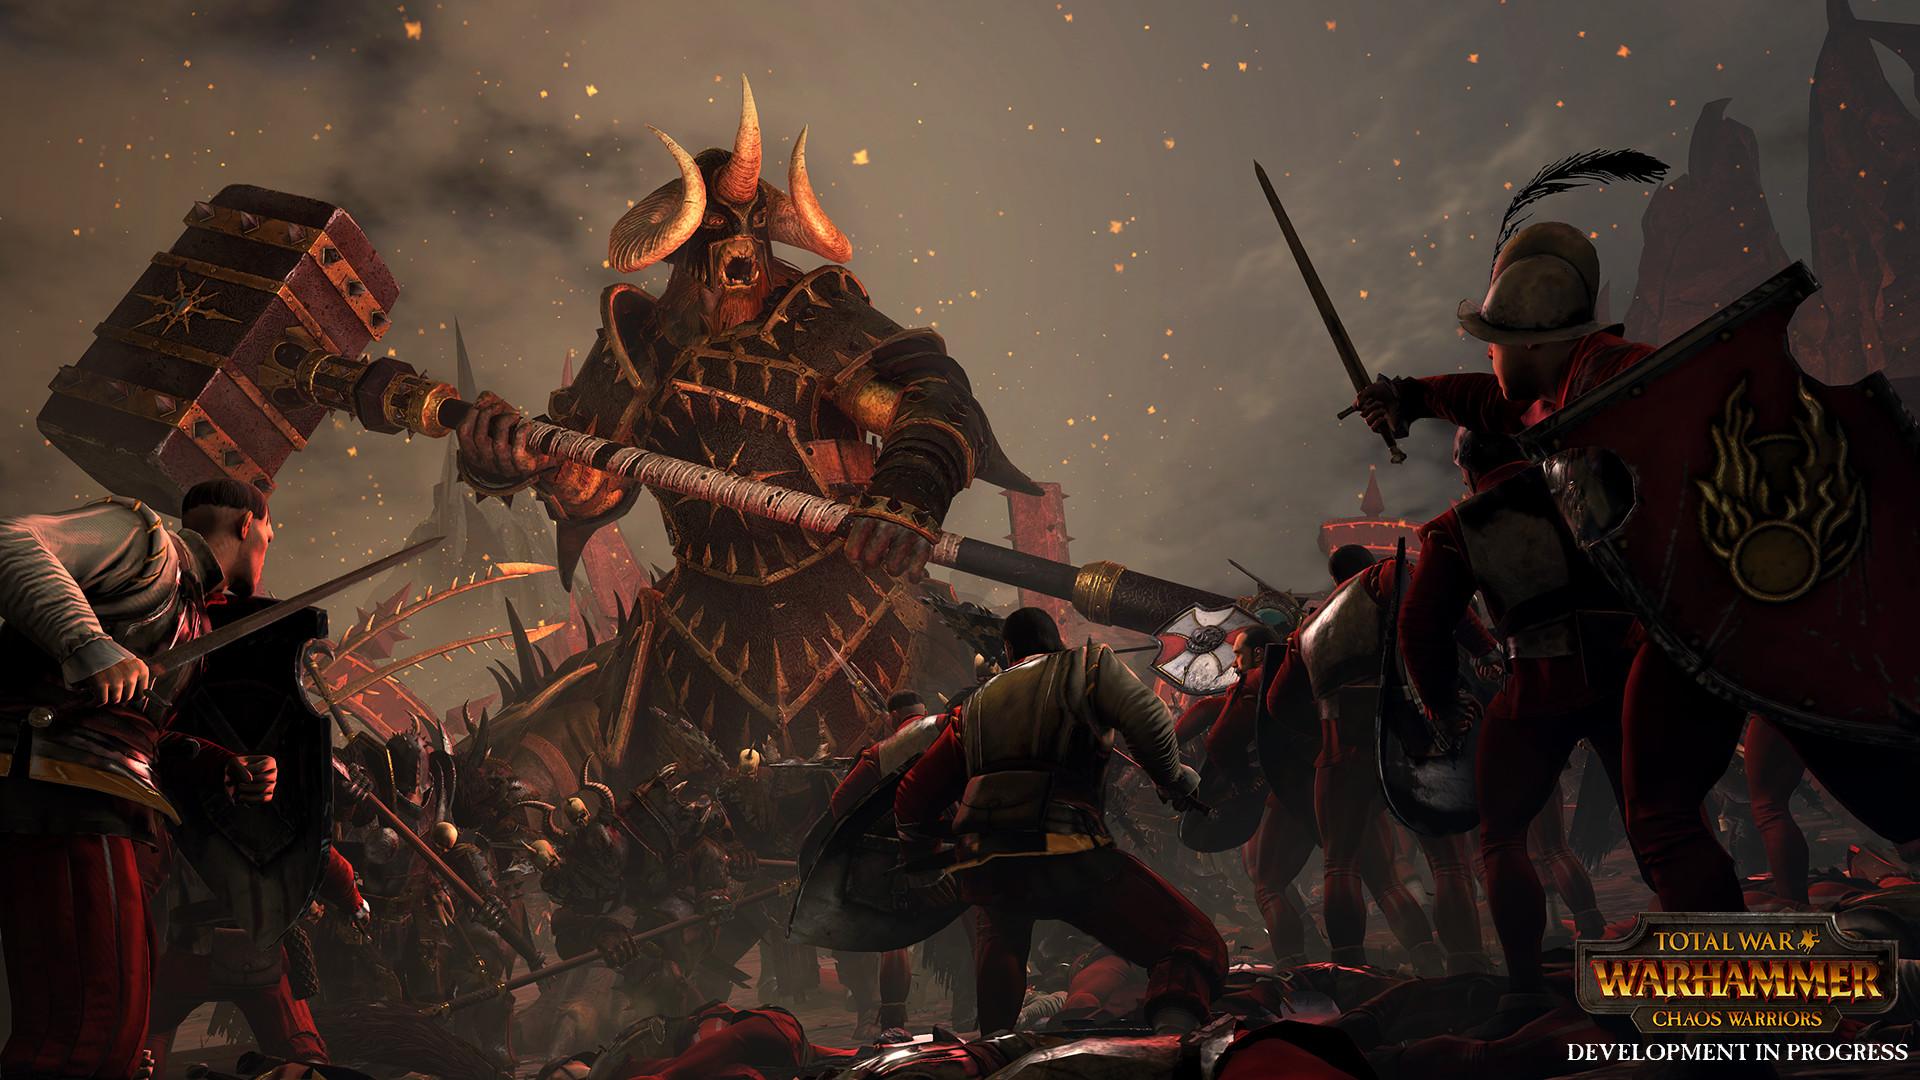 total-war-warhammer-chaos-warriors-race-pack-review-screenshot-2